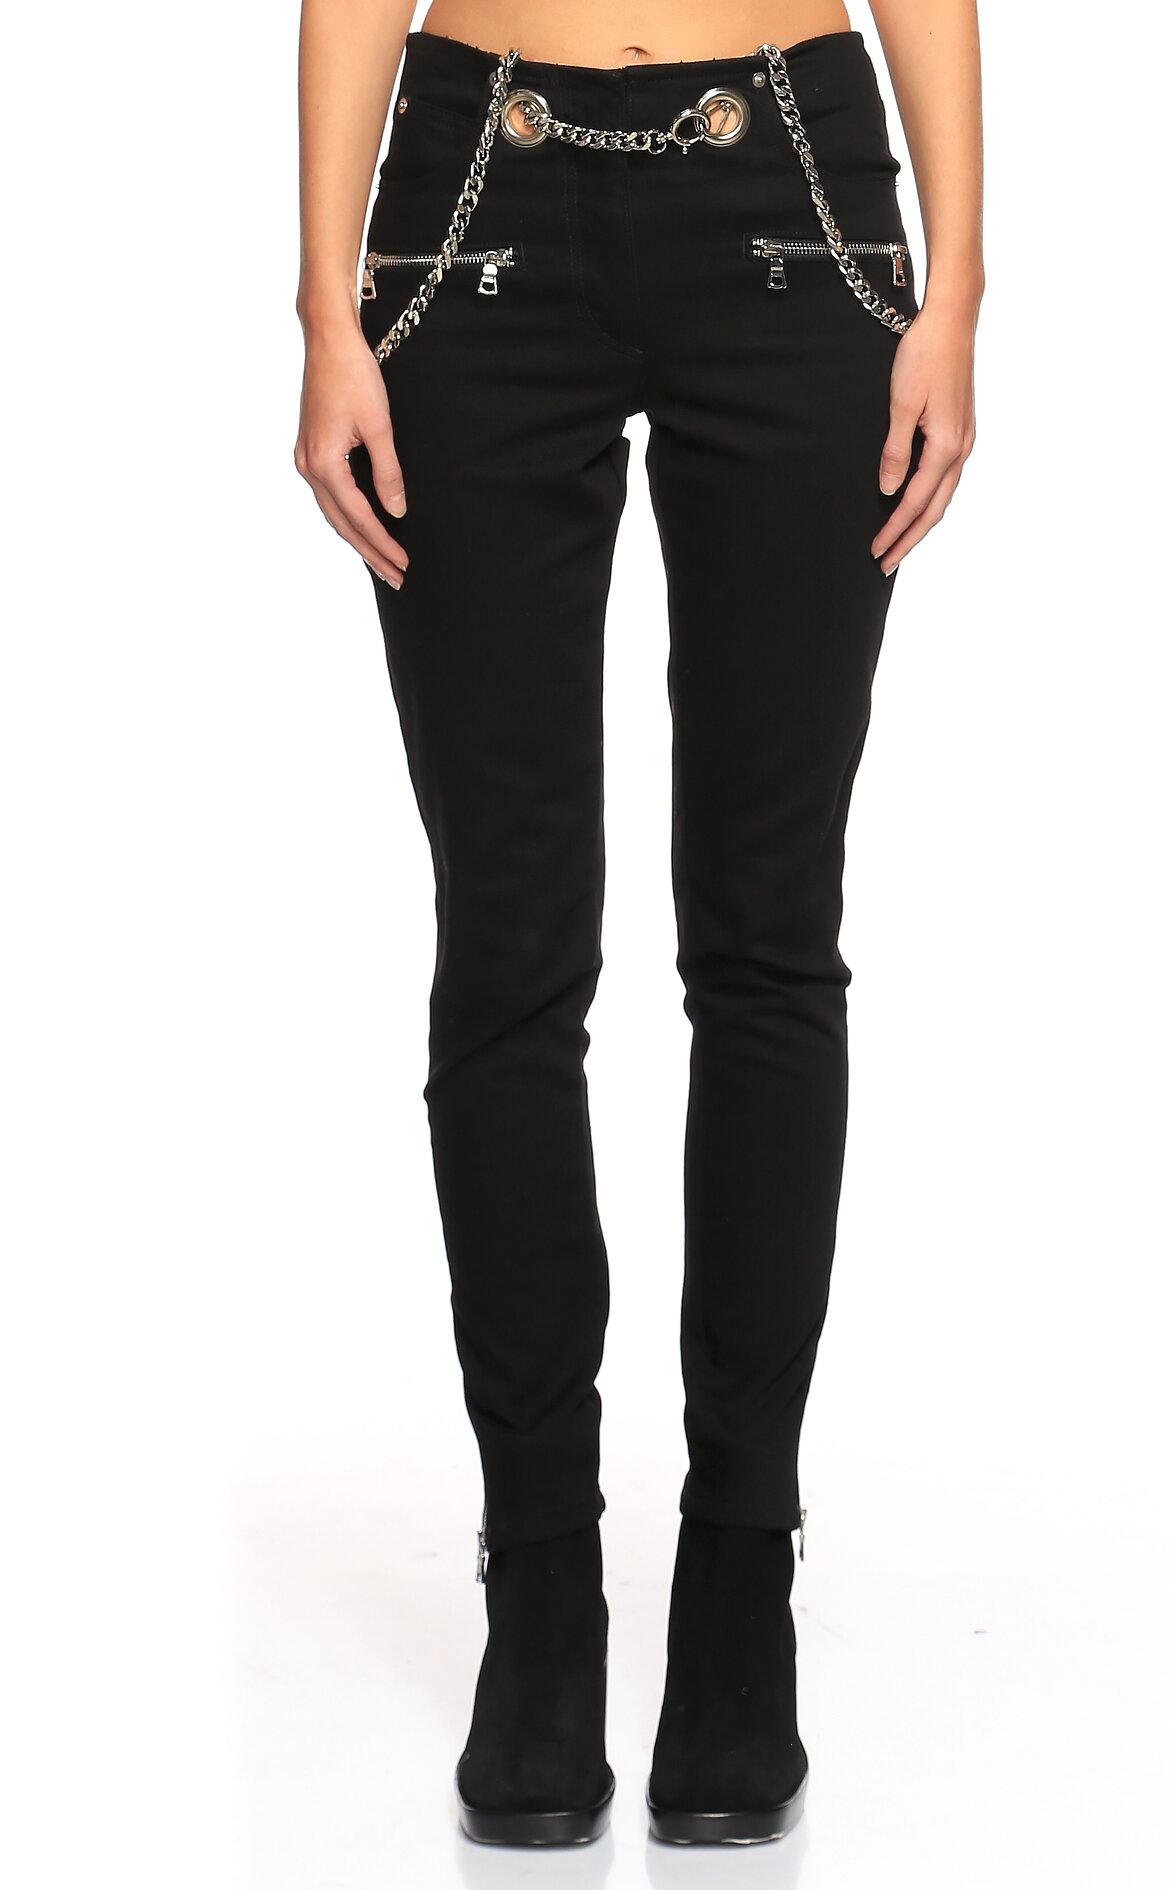 Miaou-Miaou Kemer Detaylı Siyah Pantolon